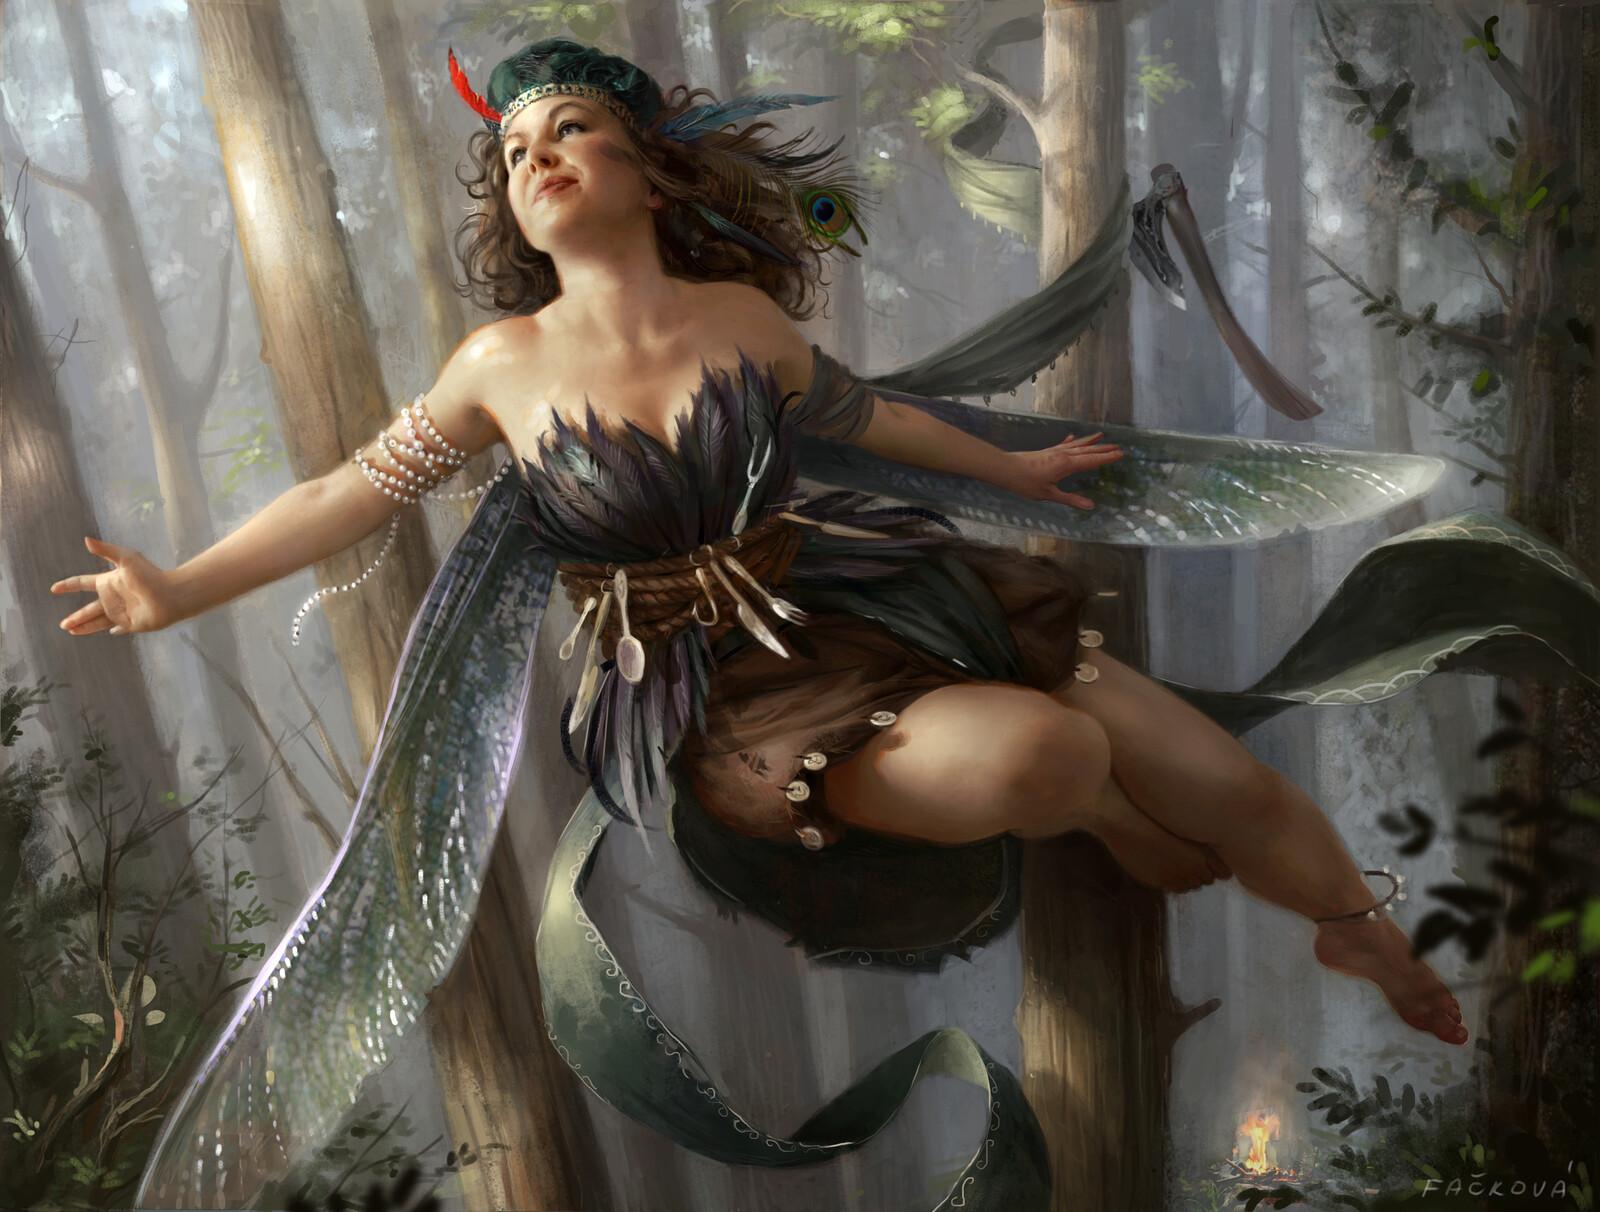 Mischiveous fairy